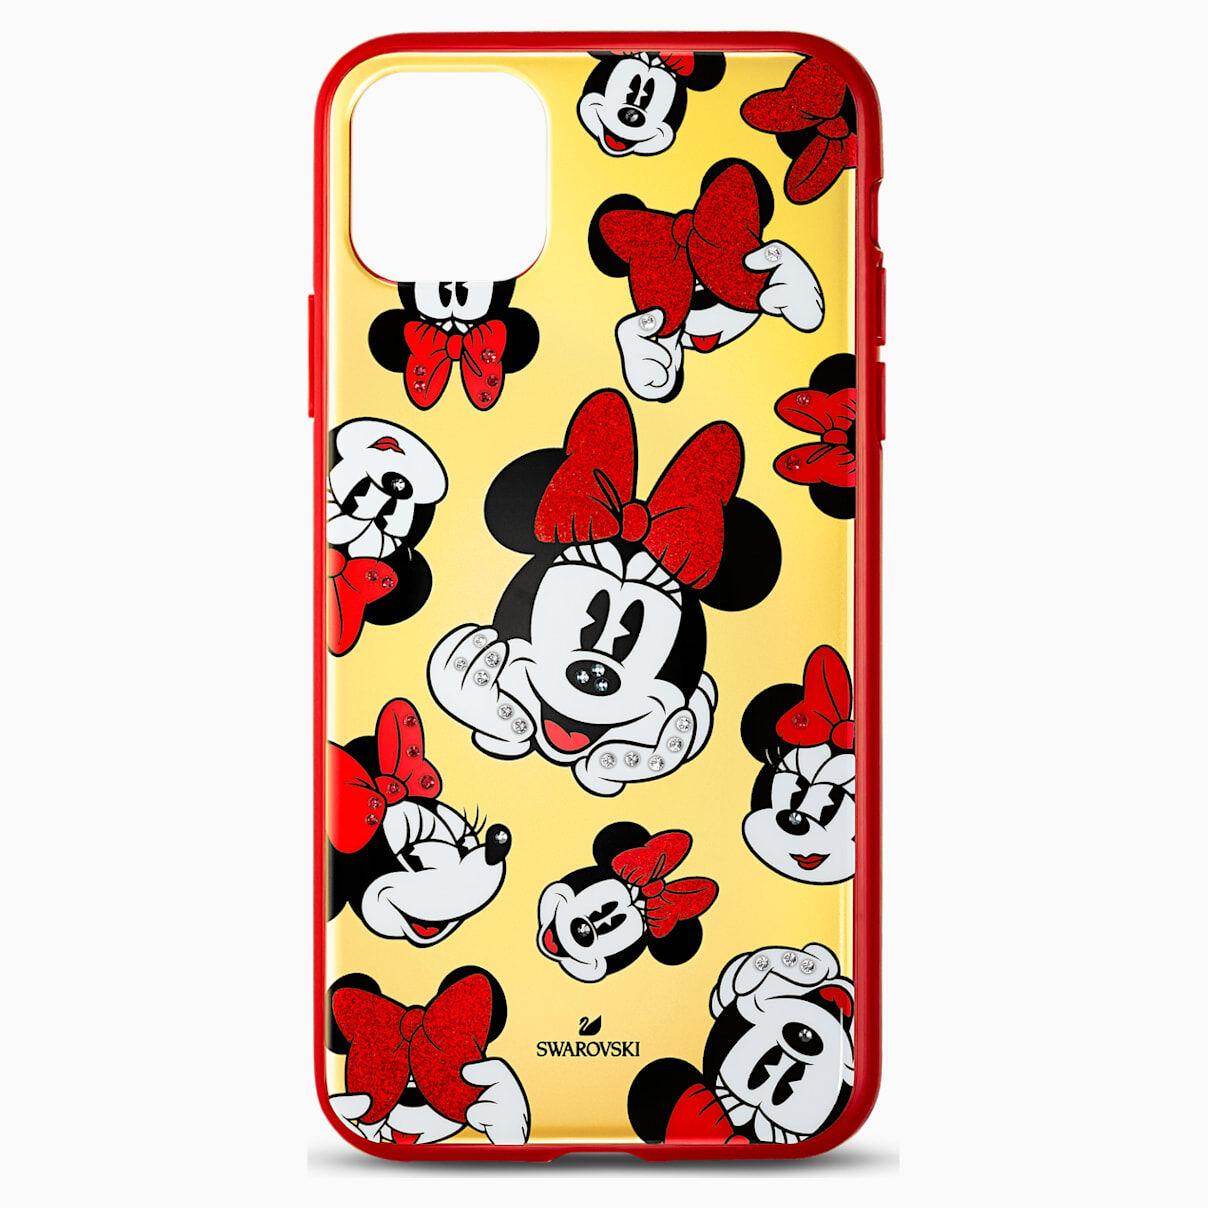 Swarovski Minnie Smartphone Case with Bumper, iPhone® 11 Pro Max, Multicolored